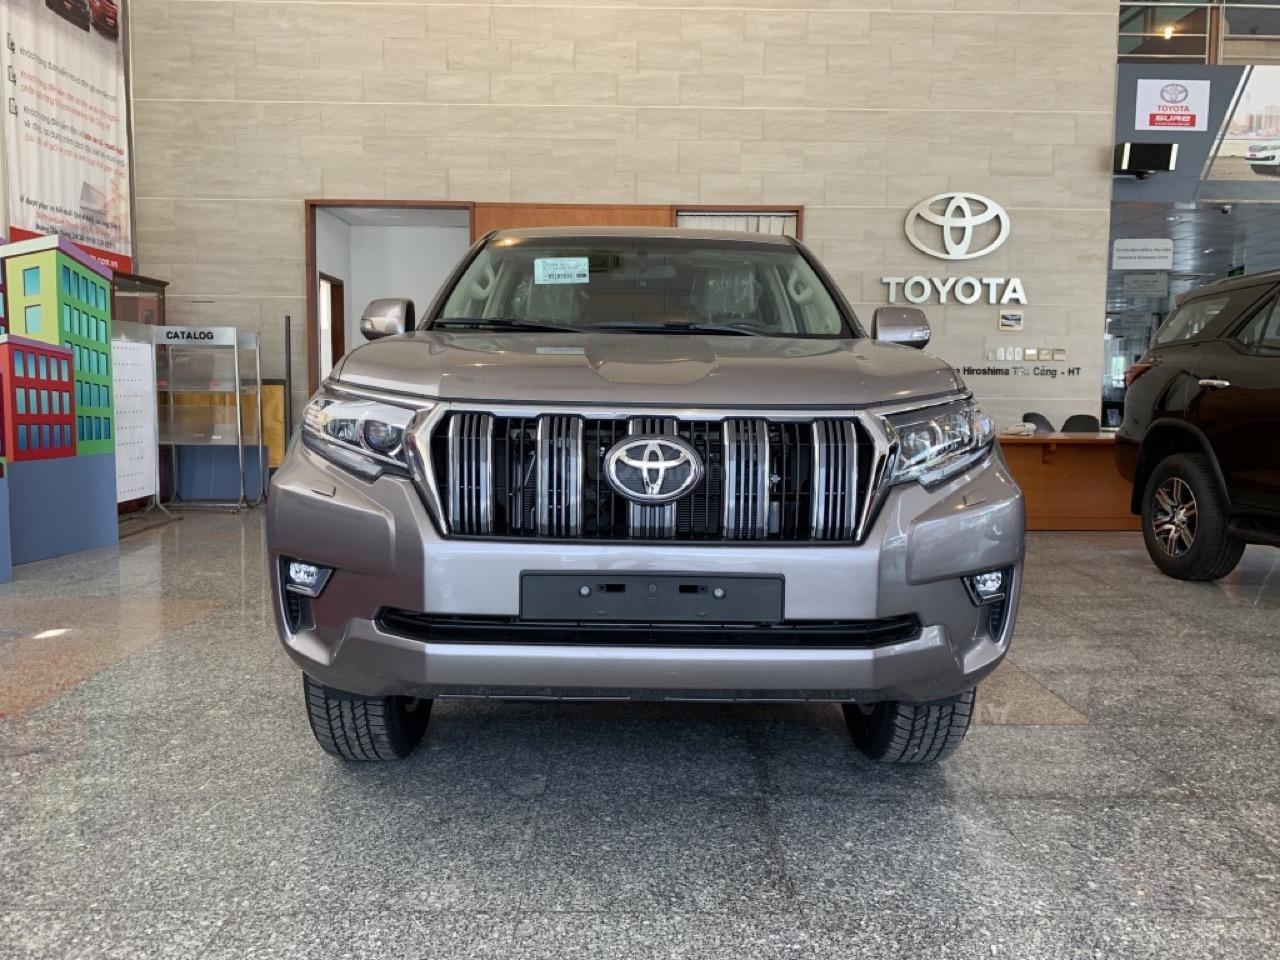 Bán Toyota Land Cruiser Prado đời 2019, nhập khẩu chính hãng, xe mới 100% (1)